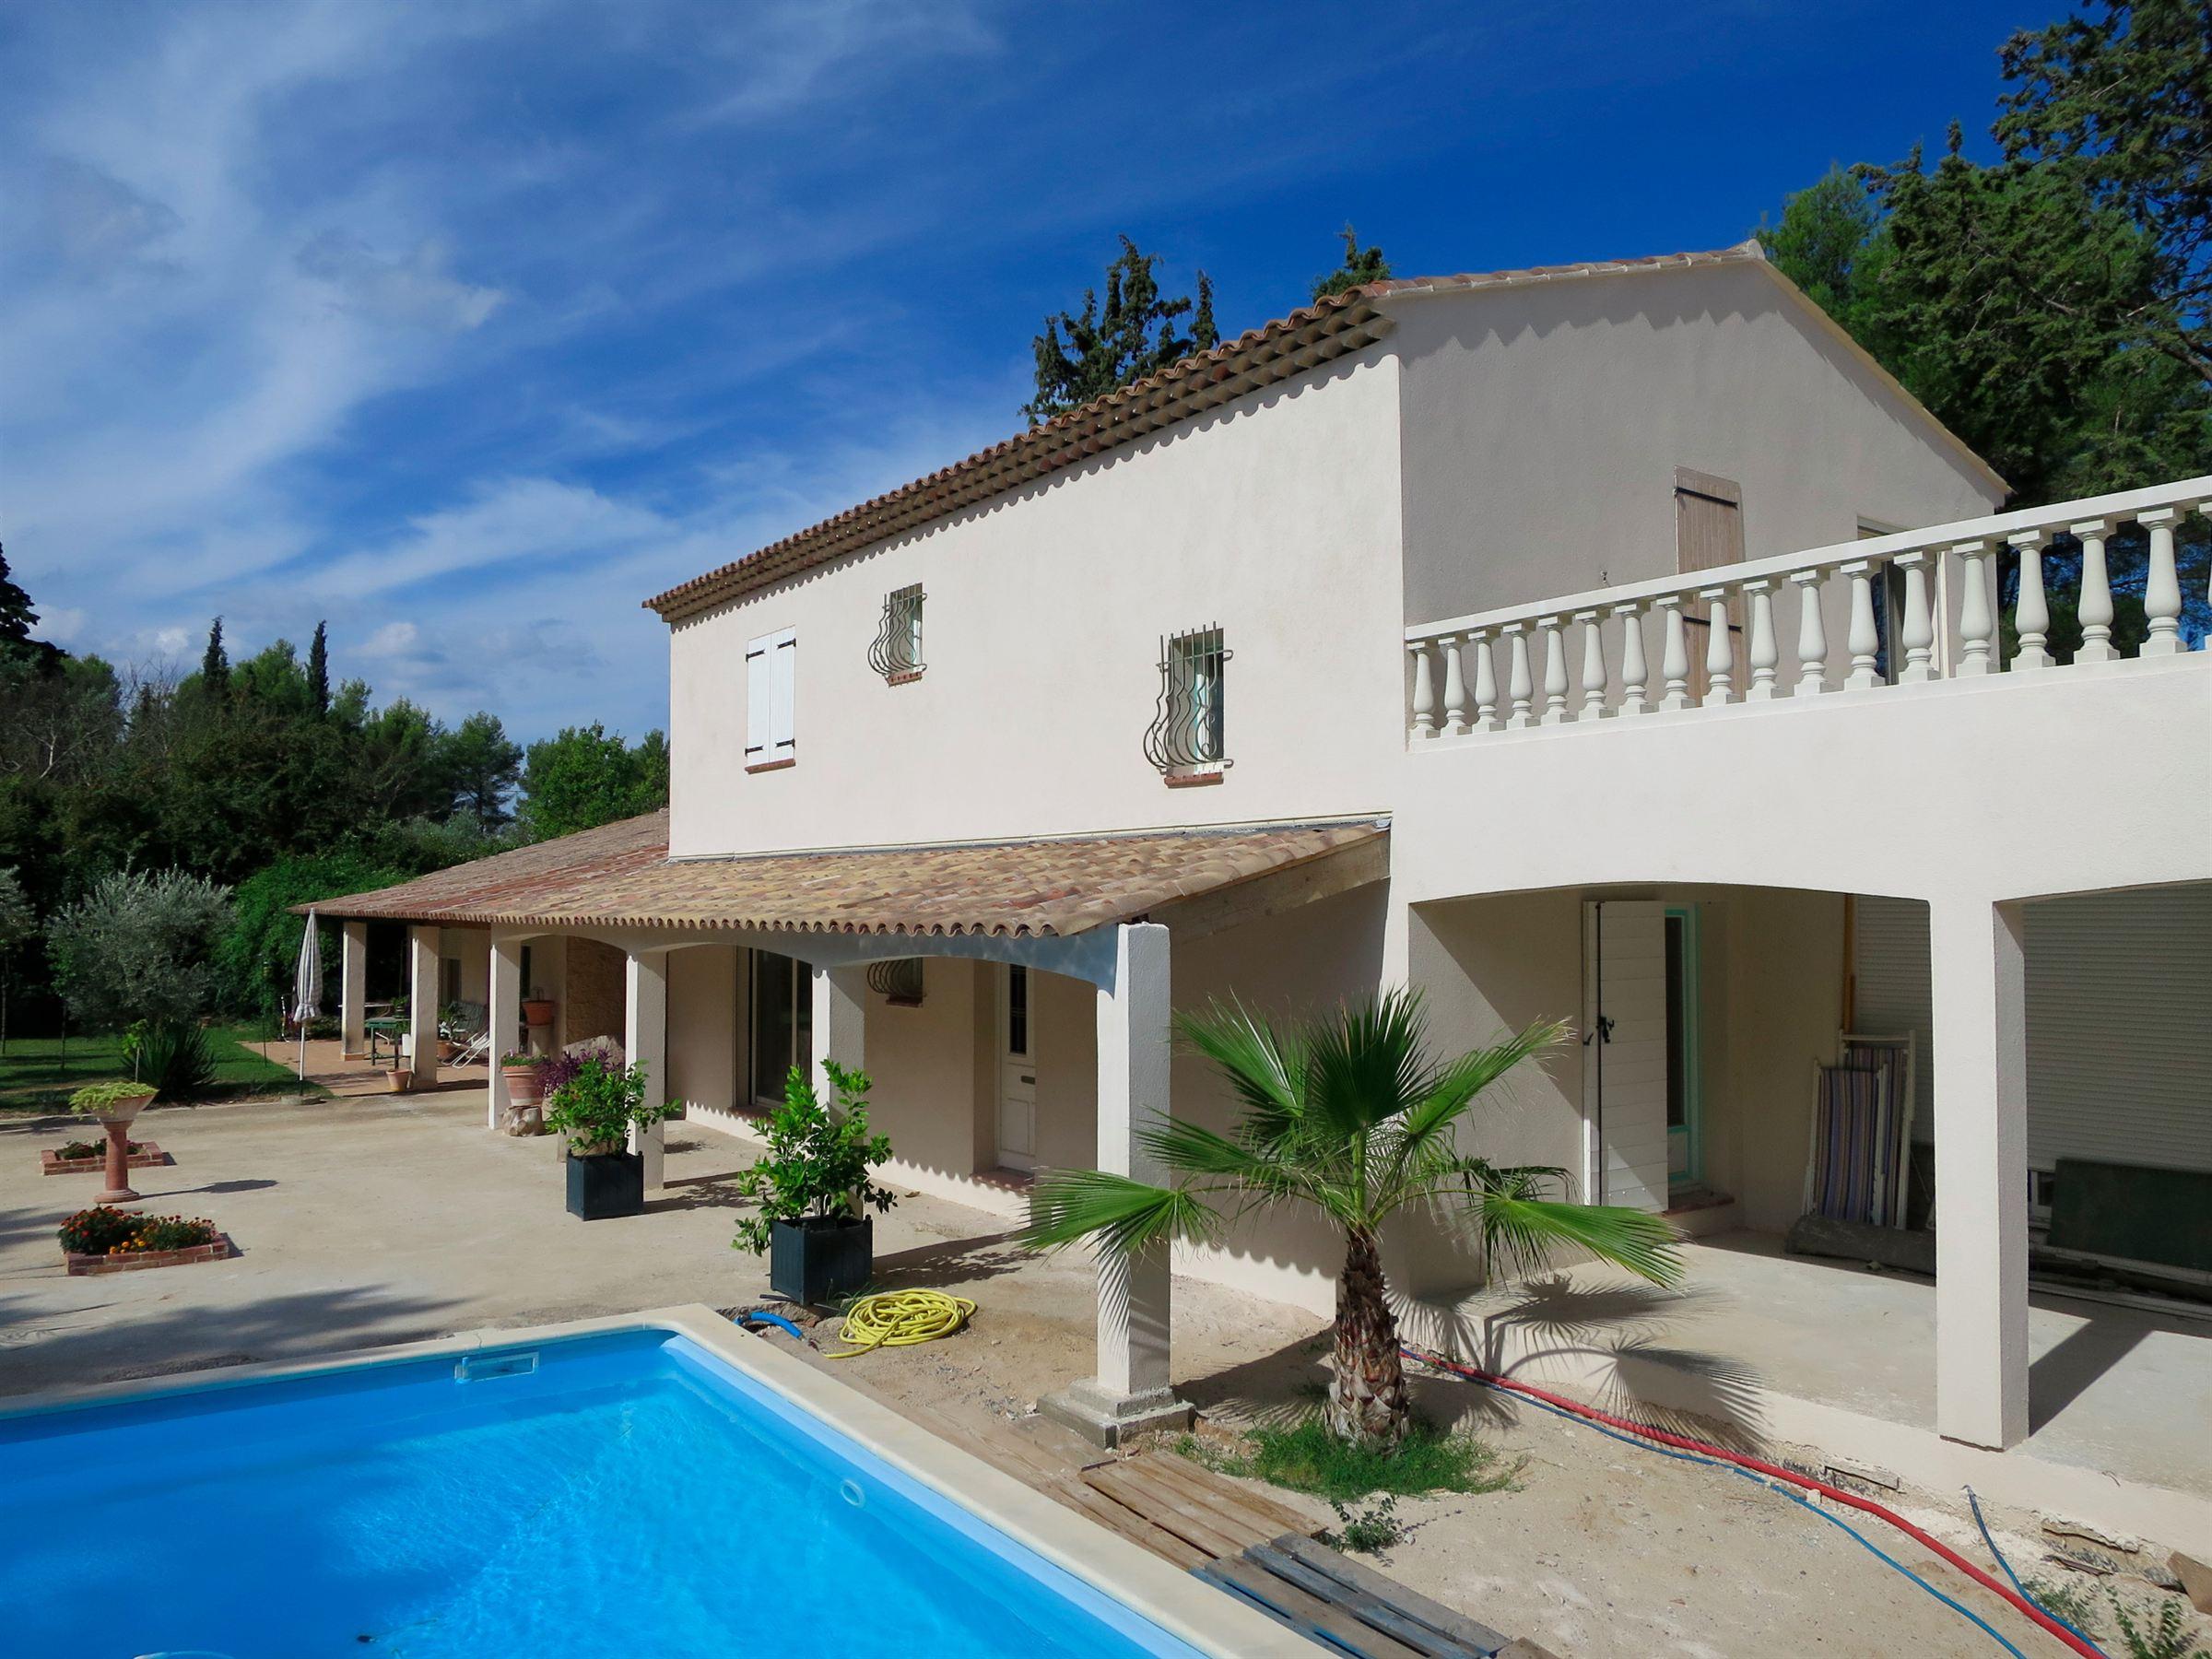 단독 가정 주택 용 매매 에 Multipropriété Aix en Provence Other Provence-Alpes-Cote D'Azur, 프로벤스 앞ㄹ프스 코테 D'Azur, 13090 프랑스